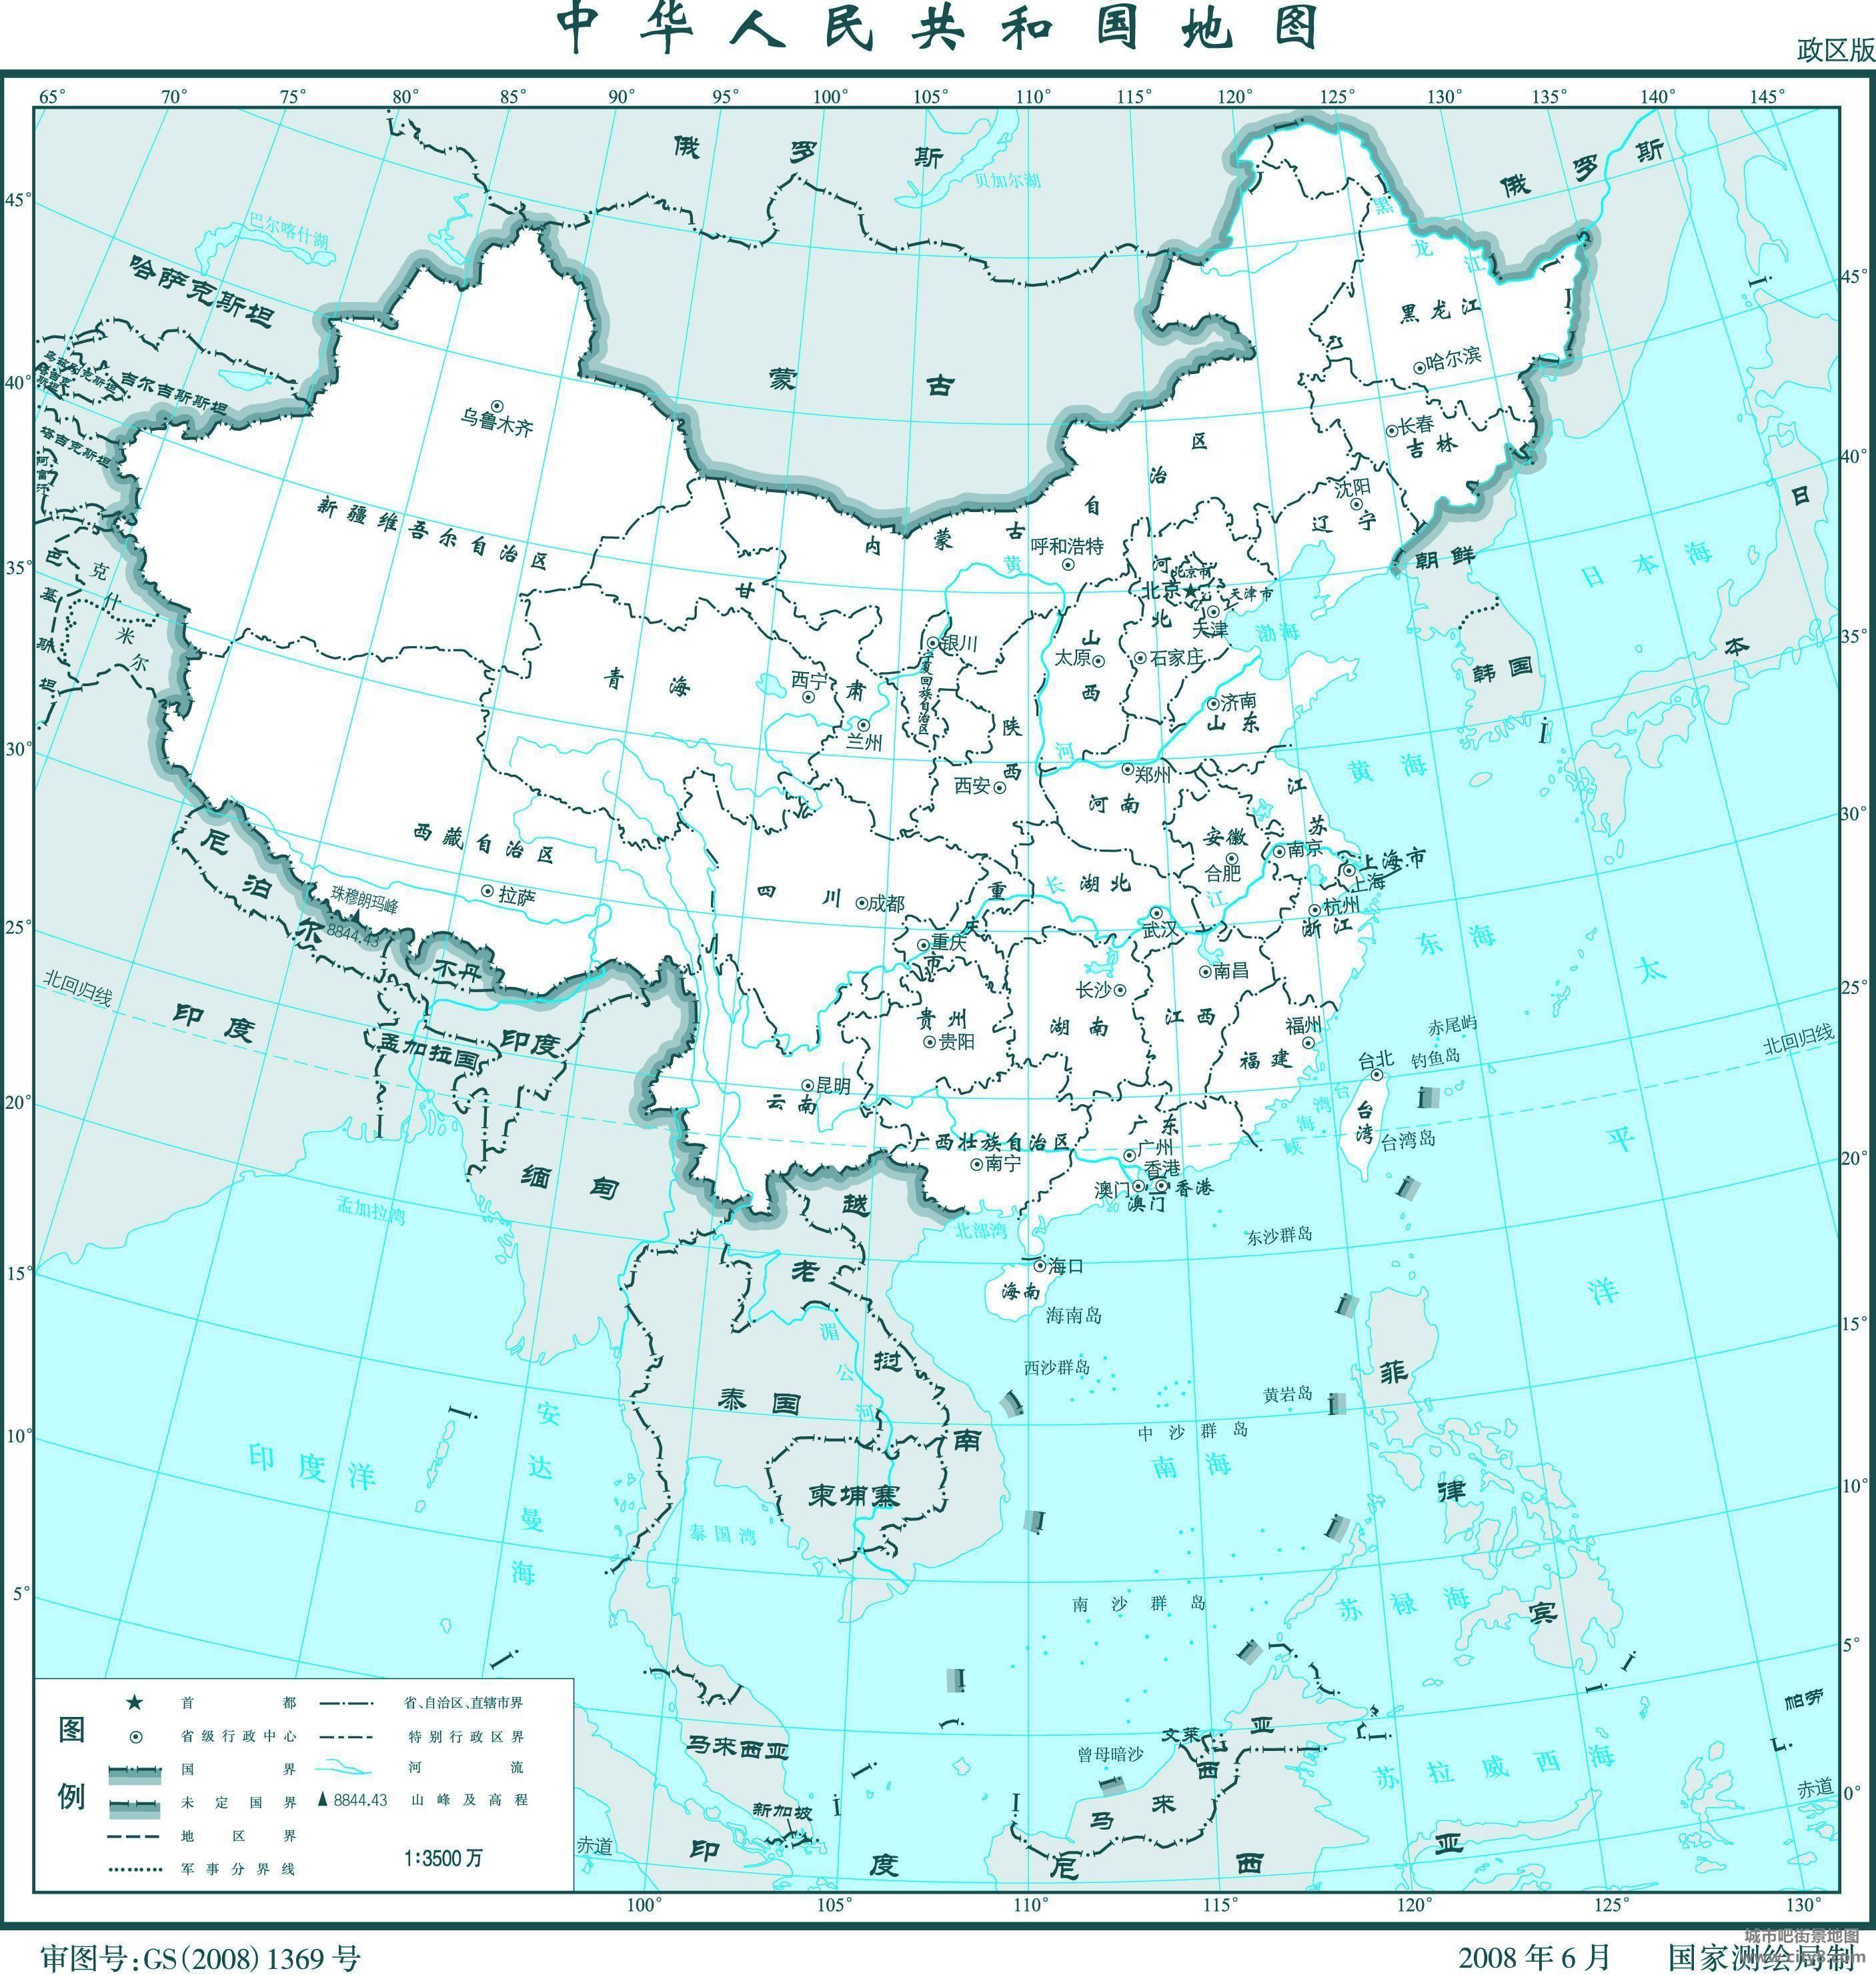 中国行政地图高清版大图的34个省市